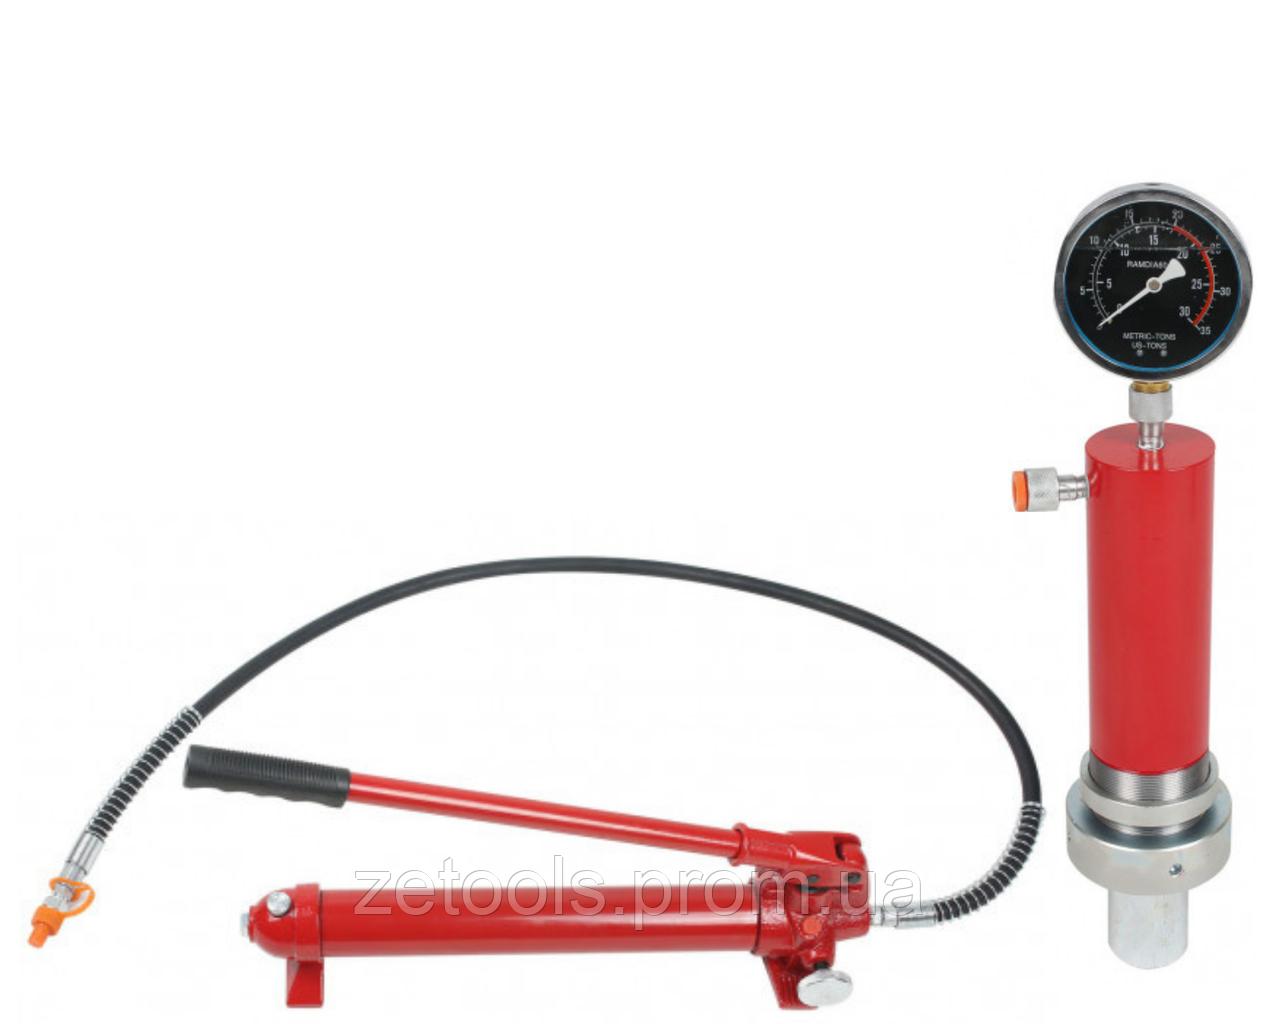 Цилиндр гидравлический для пресса с манометром 30 тонн Profline 97325+Насос гидравлический 30 тонн 97107+97325